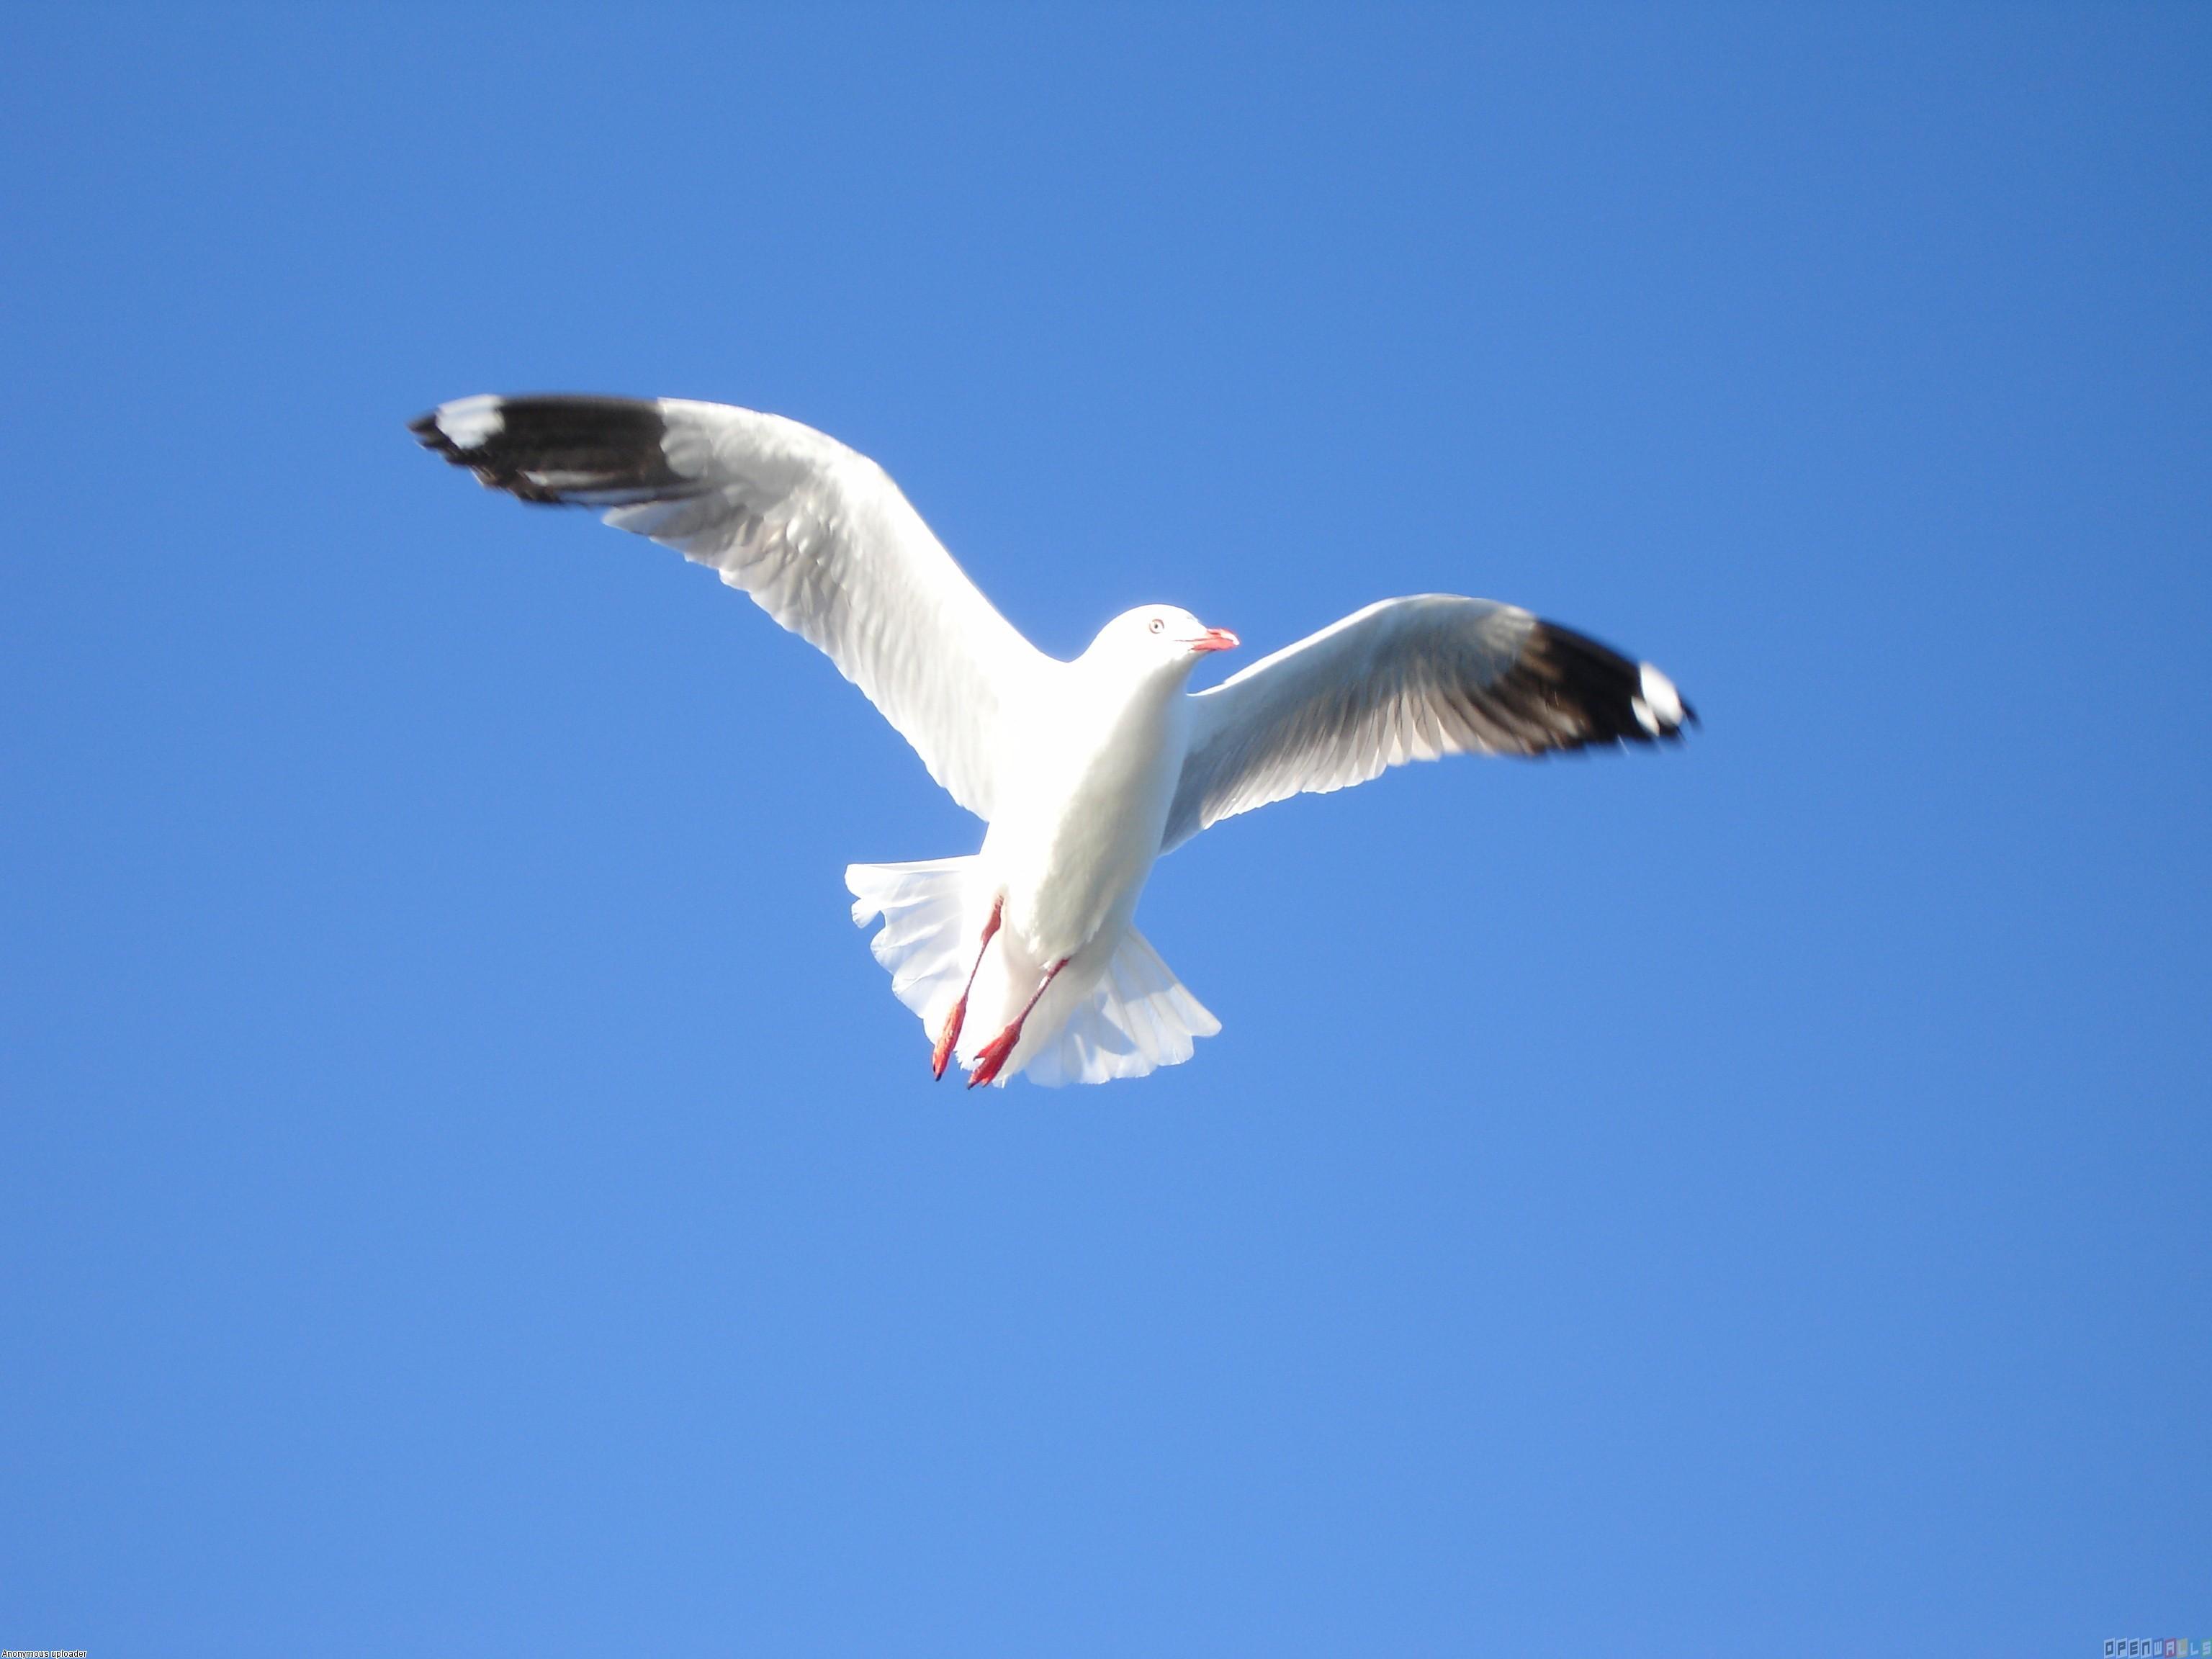 Seagull in flight photo